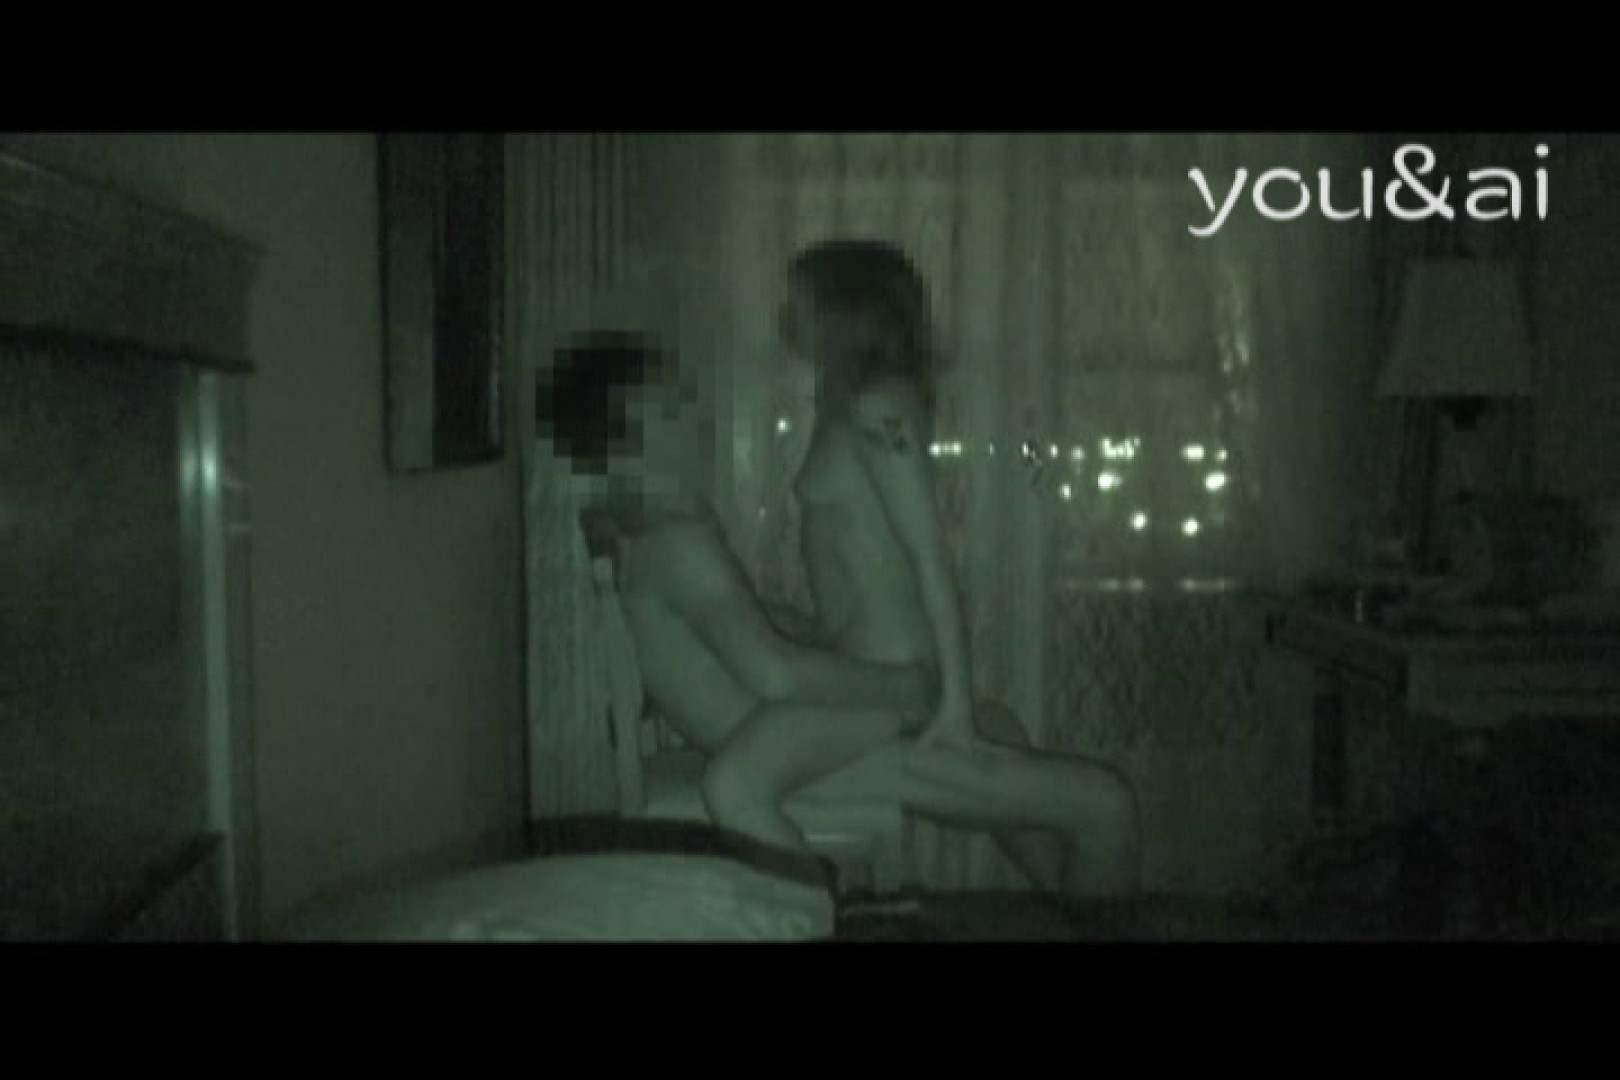 おしどり夫婦のyou&aiさん投稿作品vol.10 ホテル | OLのエッチ  110pic 17